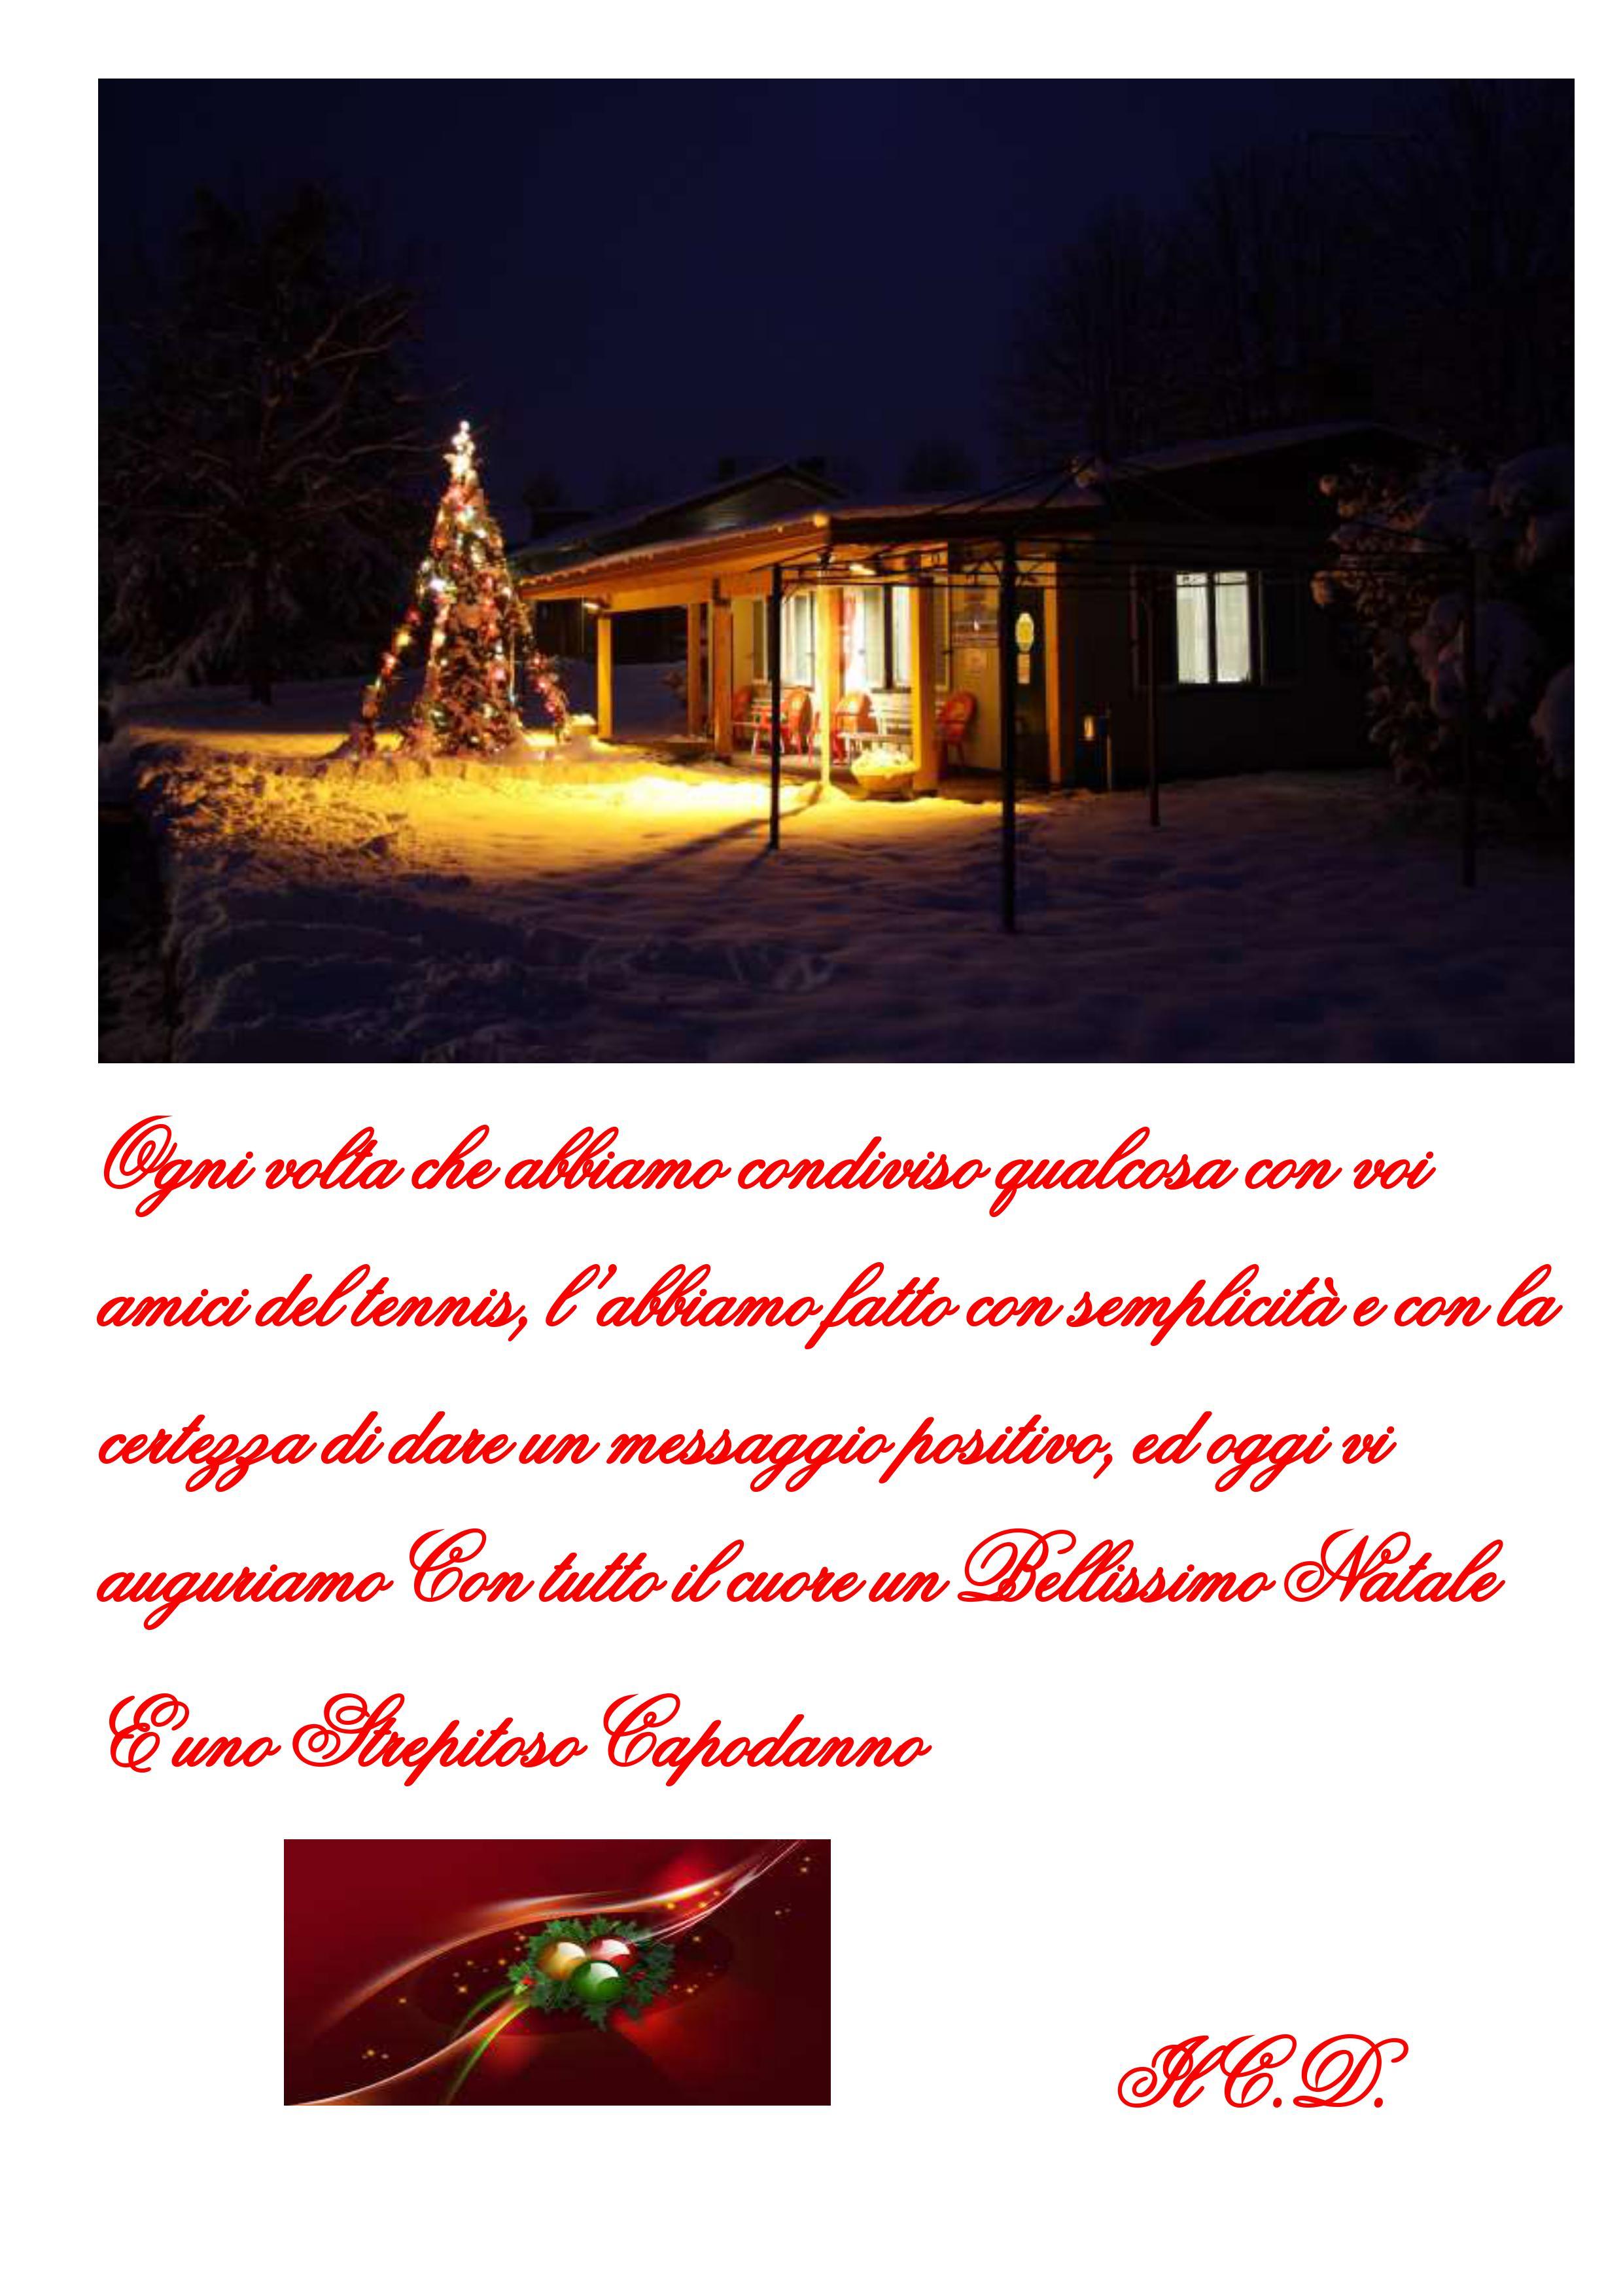 Auguri Di Natale Tennis.Auguri Di Buon Natale E Felice Anno Nuovo Asd San Colombano Tennis